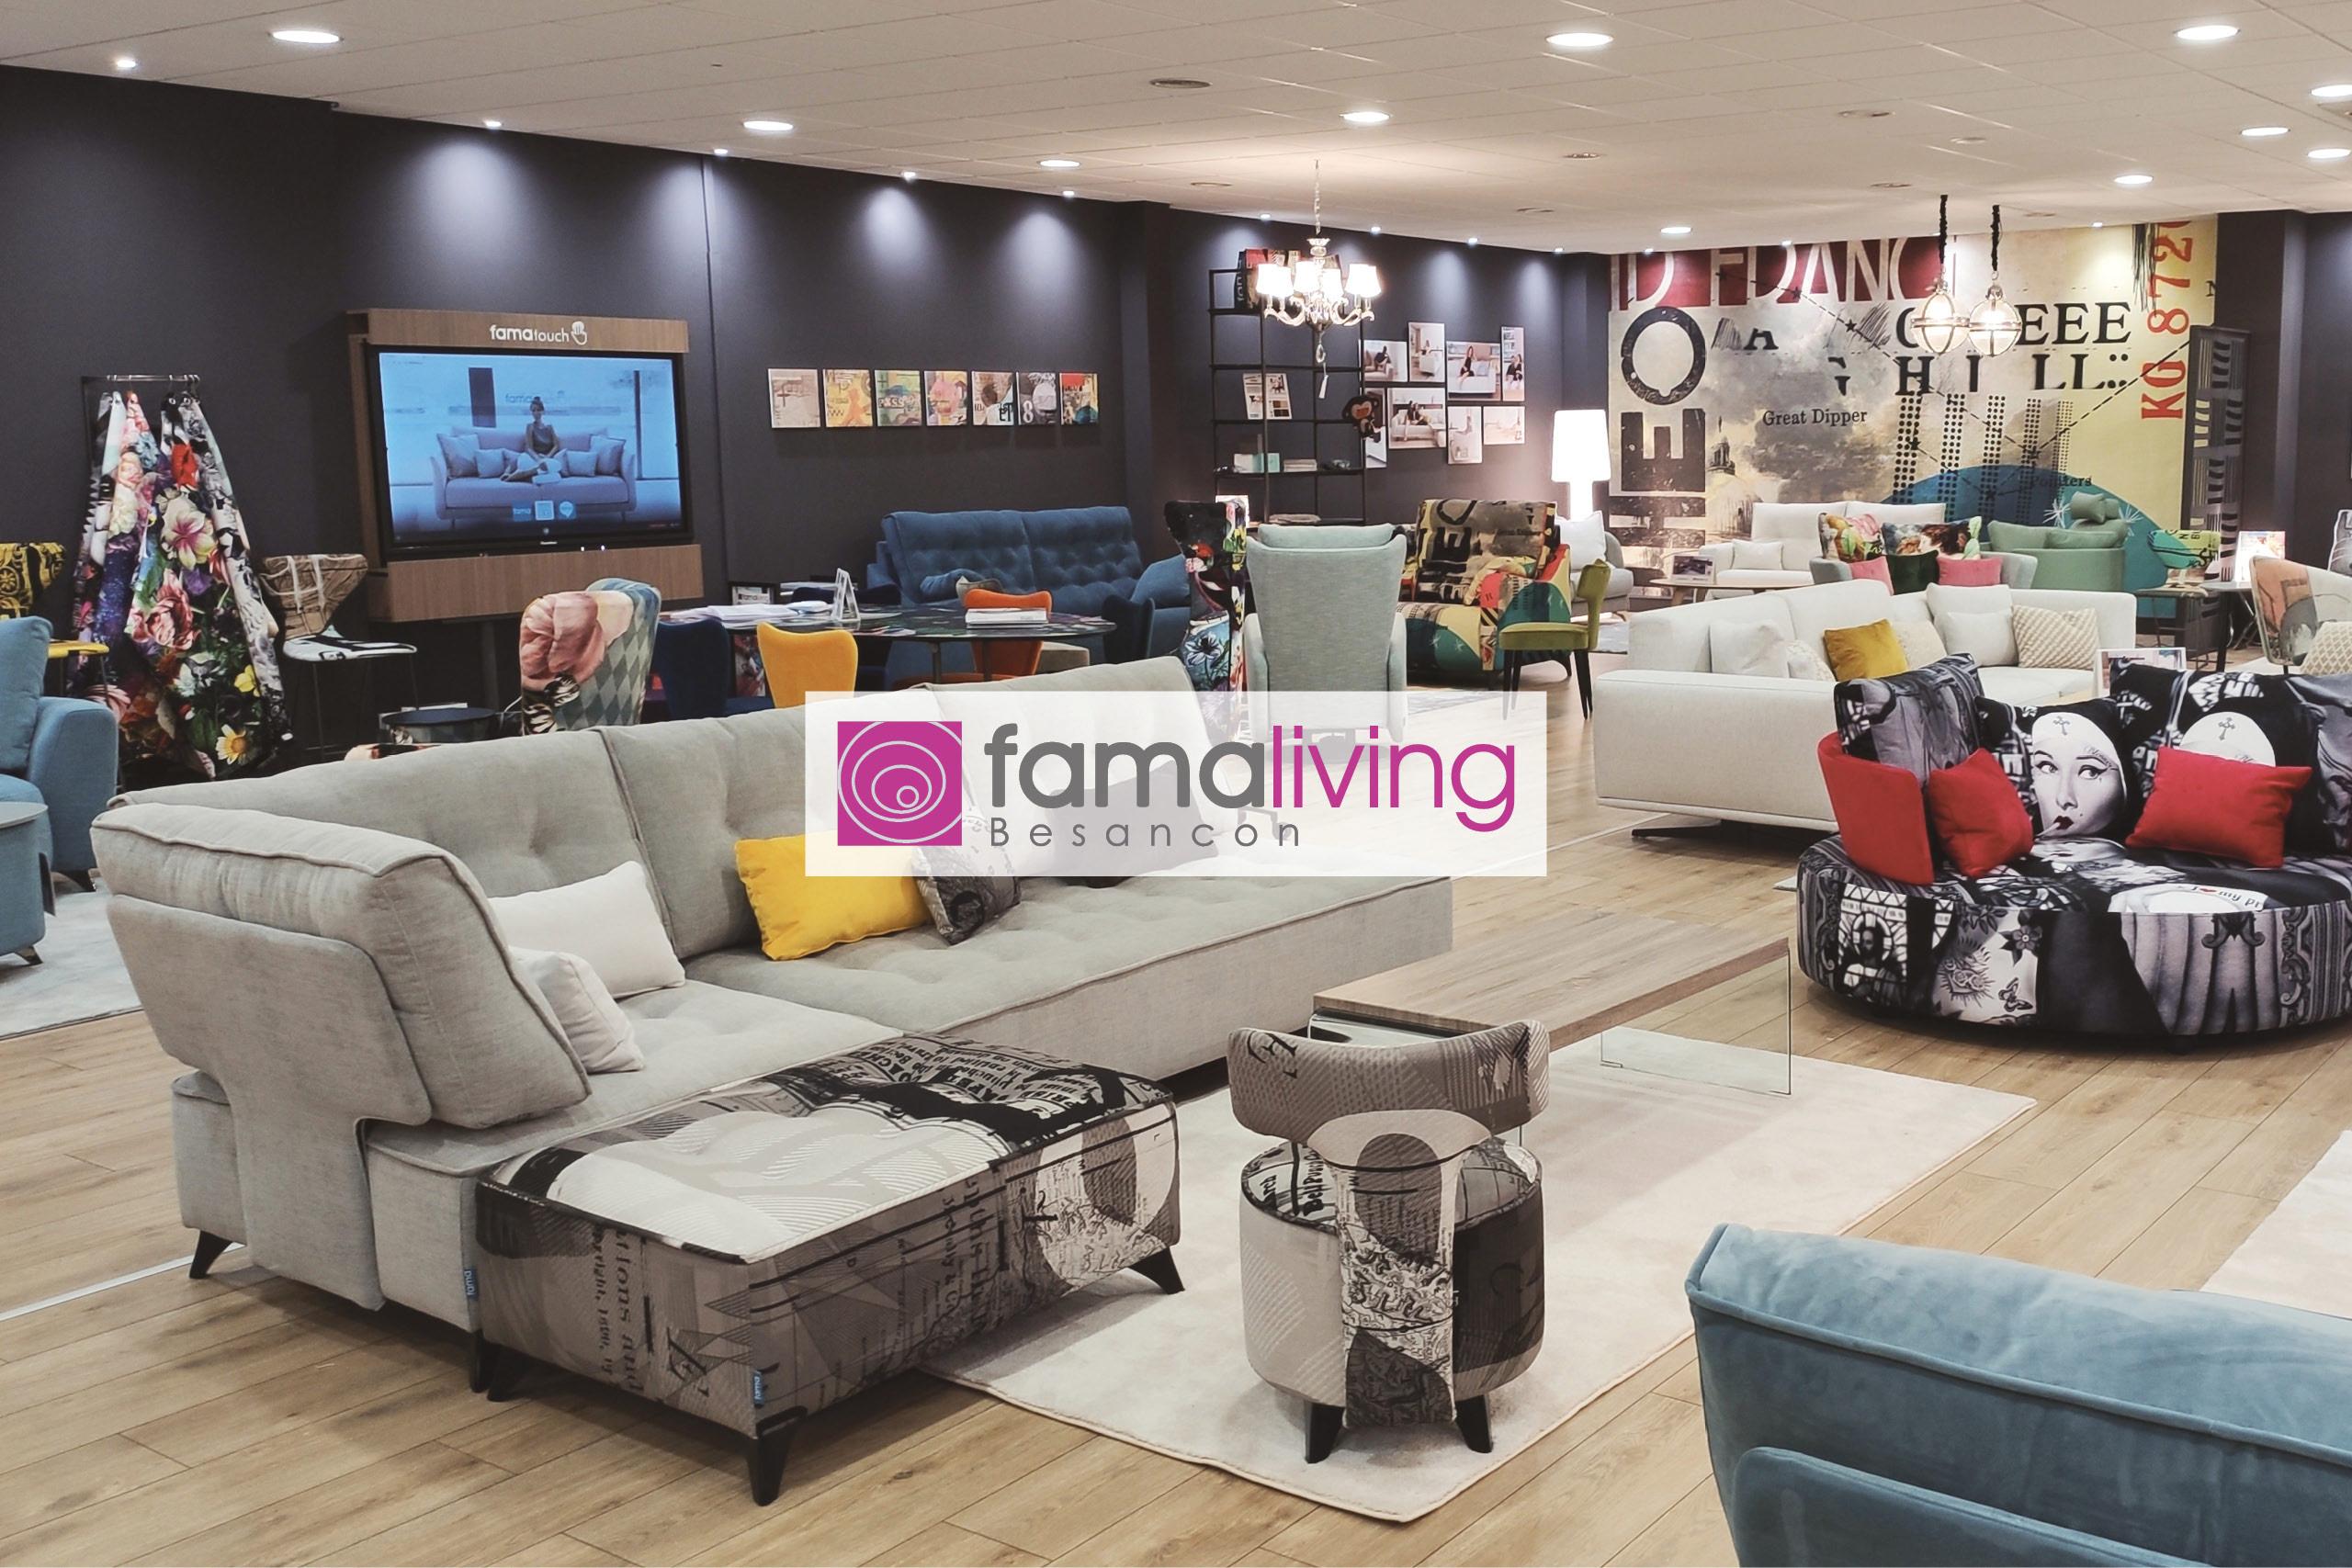 Famaliving Besançon | Tienda de sofás